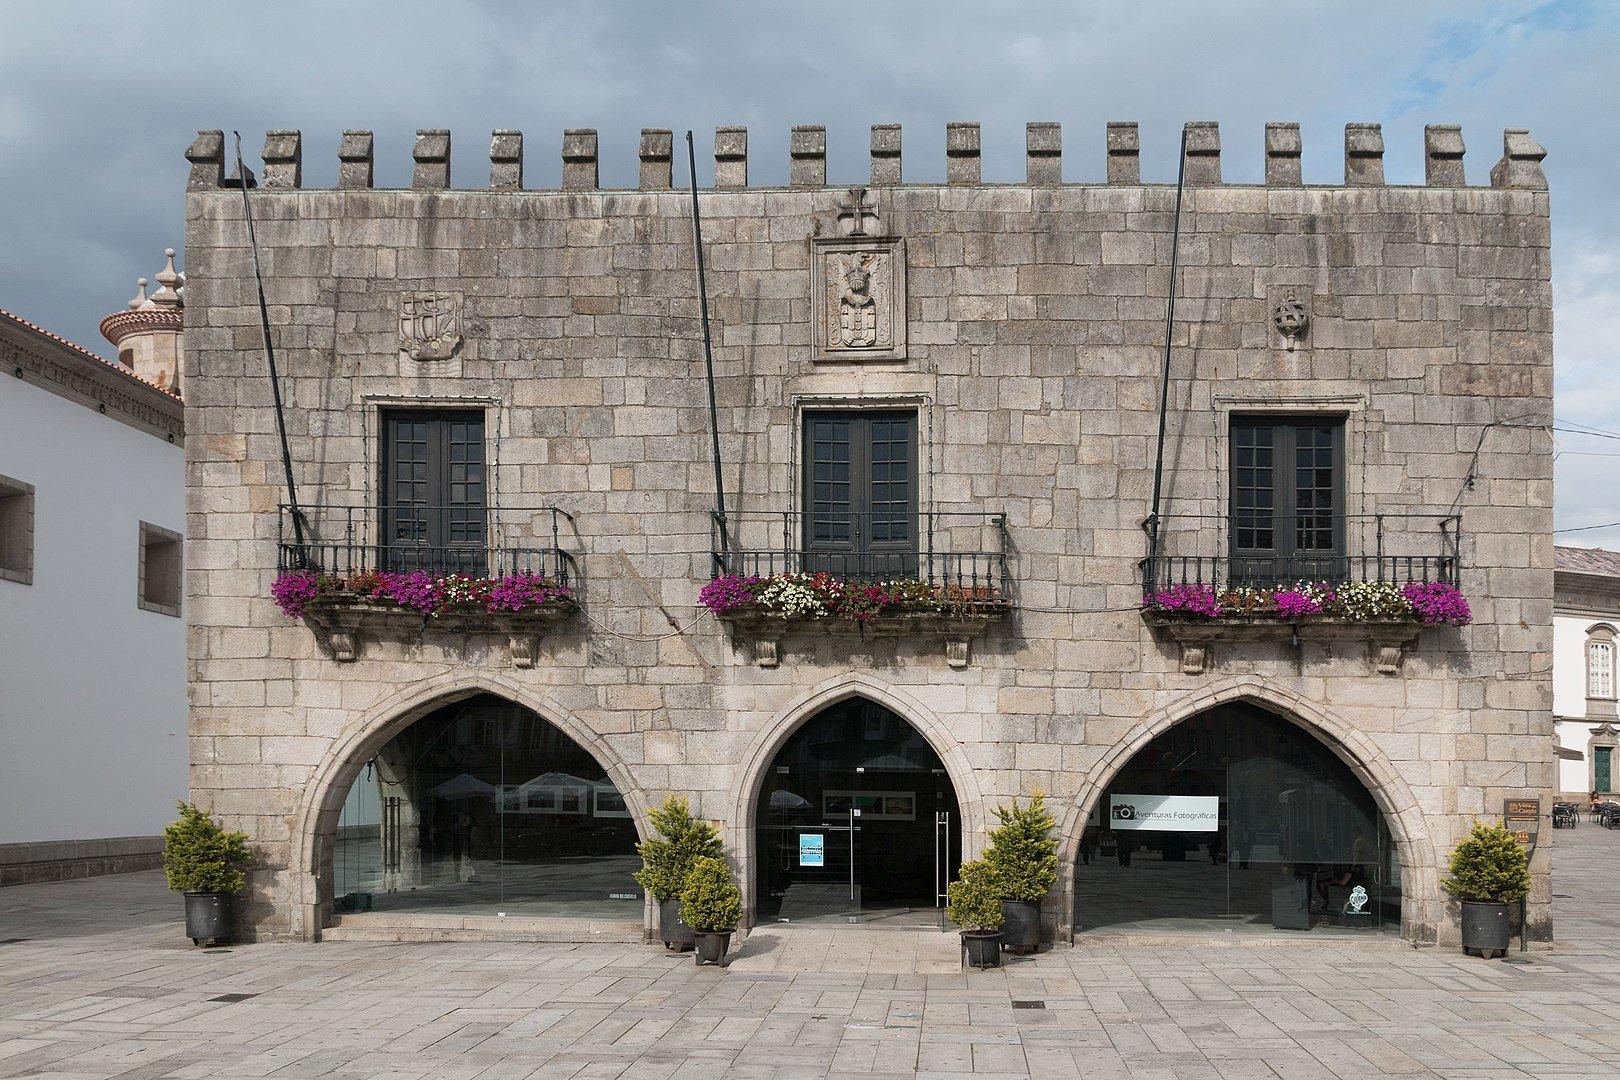 Здания в городе виану ду каштелу